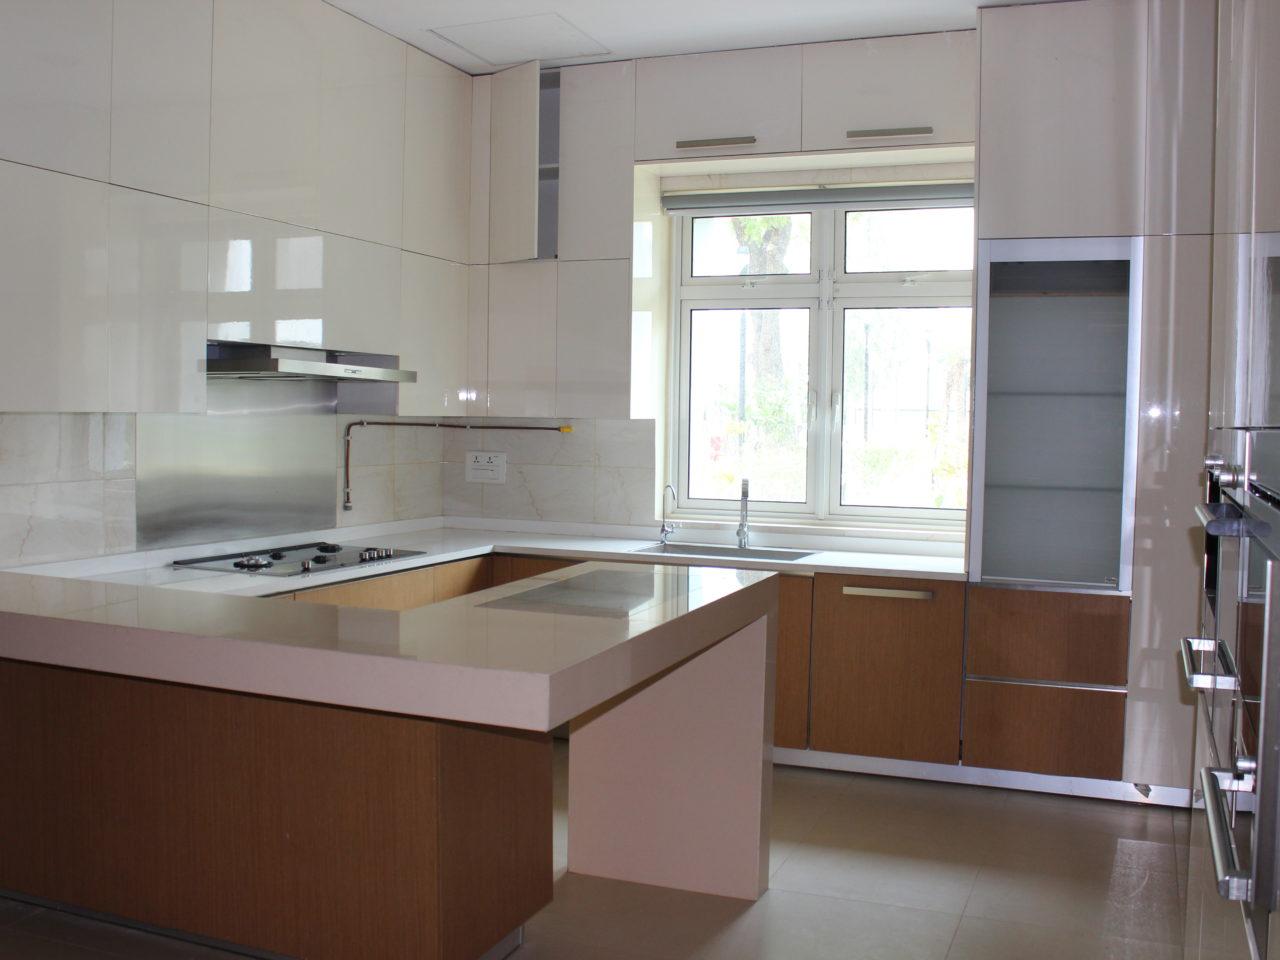 Malaysia-Dry-Kitchen-Ideas-Modular-Kitchens-Delhi-India-2